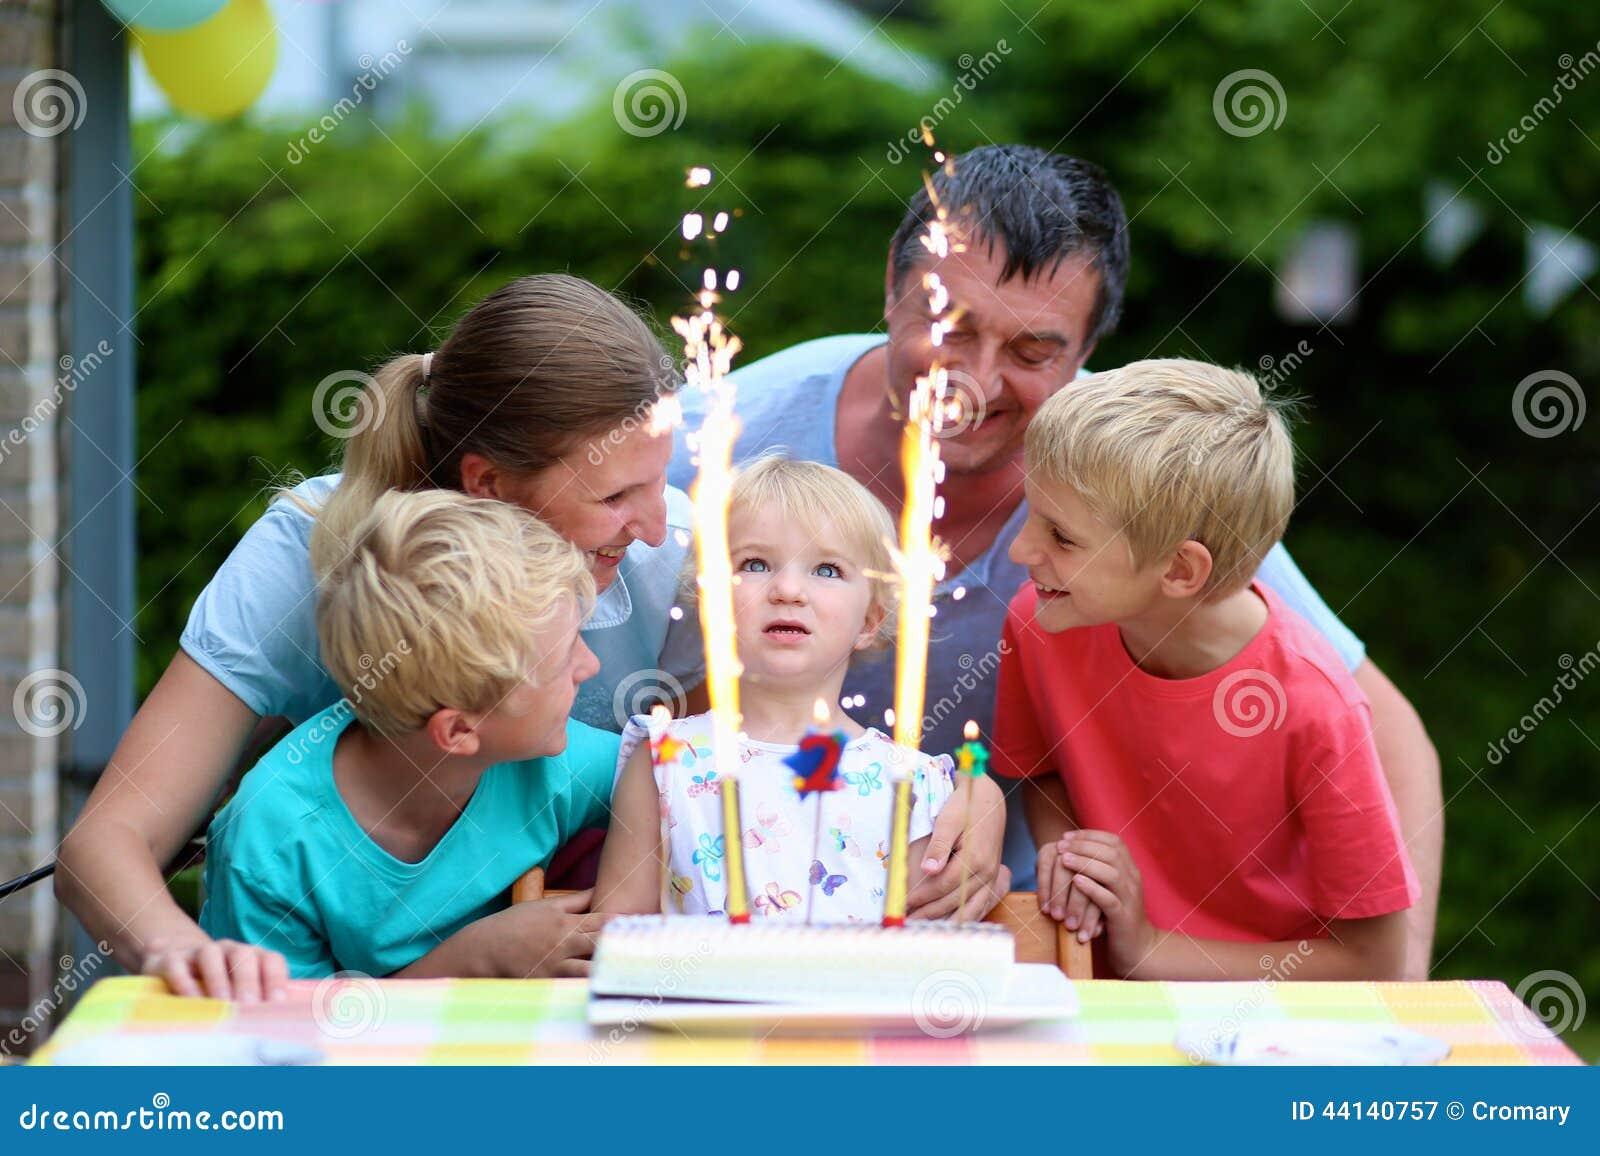 Familia que celebra de cumplea os de la hija dos a os foto - Cumpleanos para ninos de dos anos ...